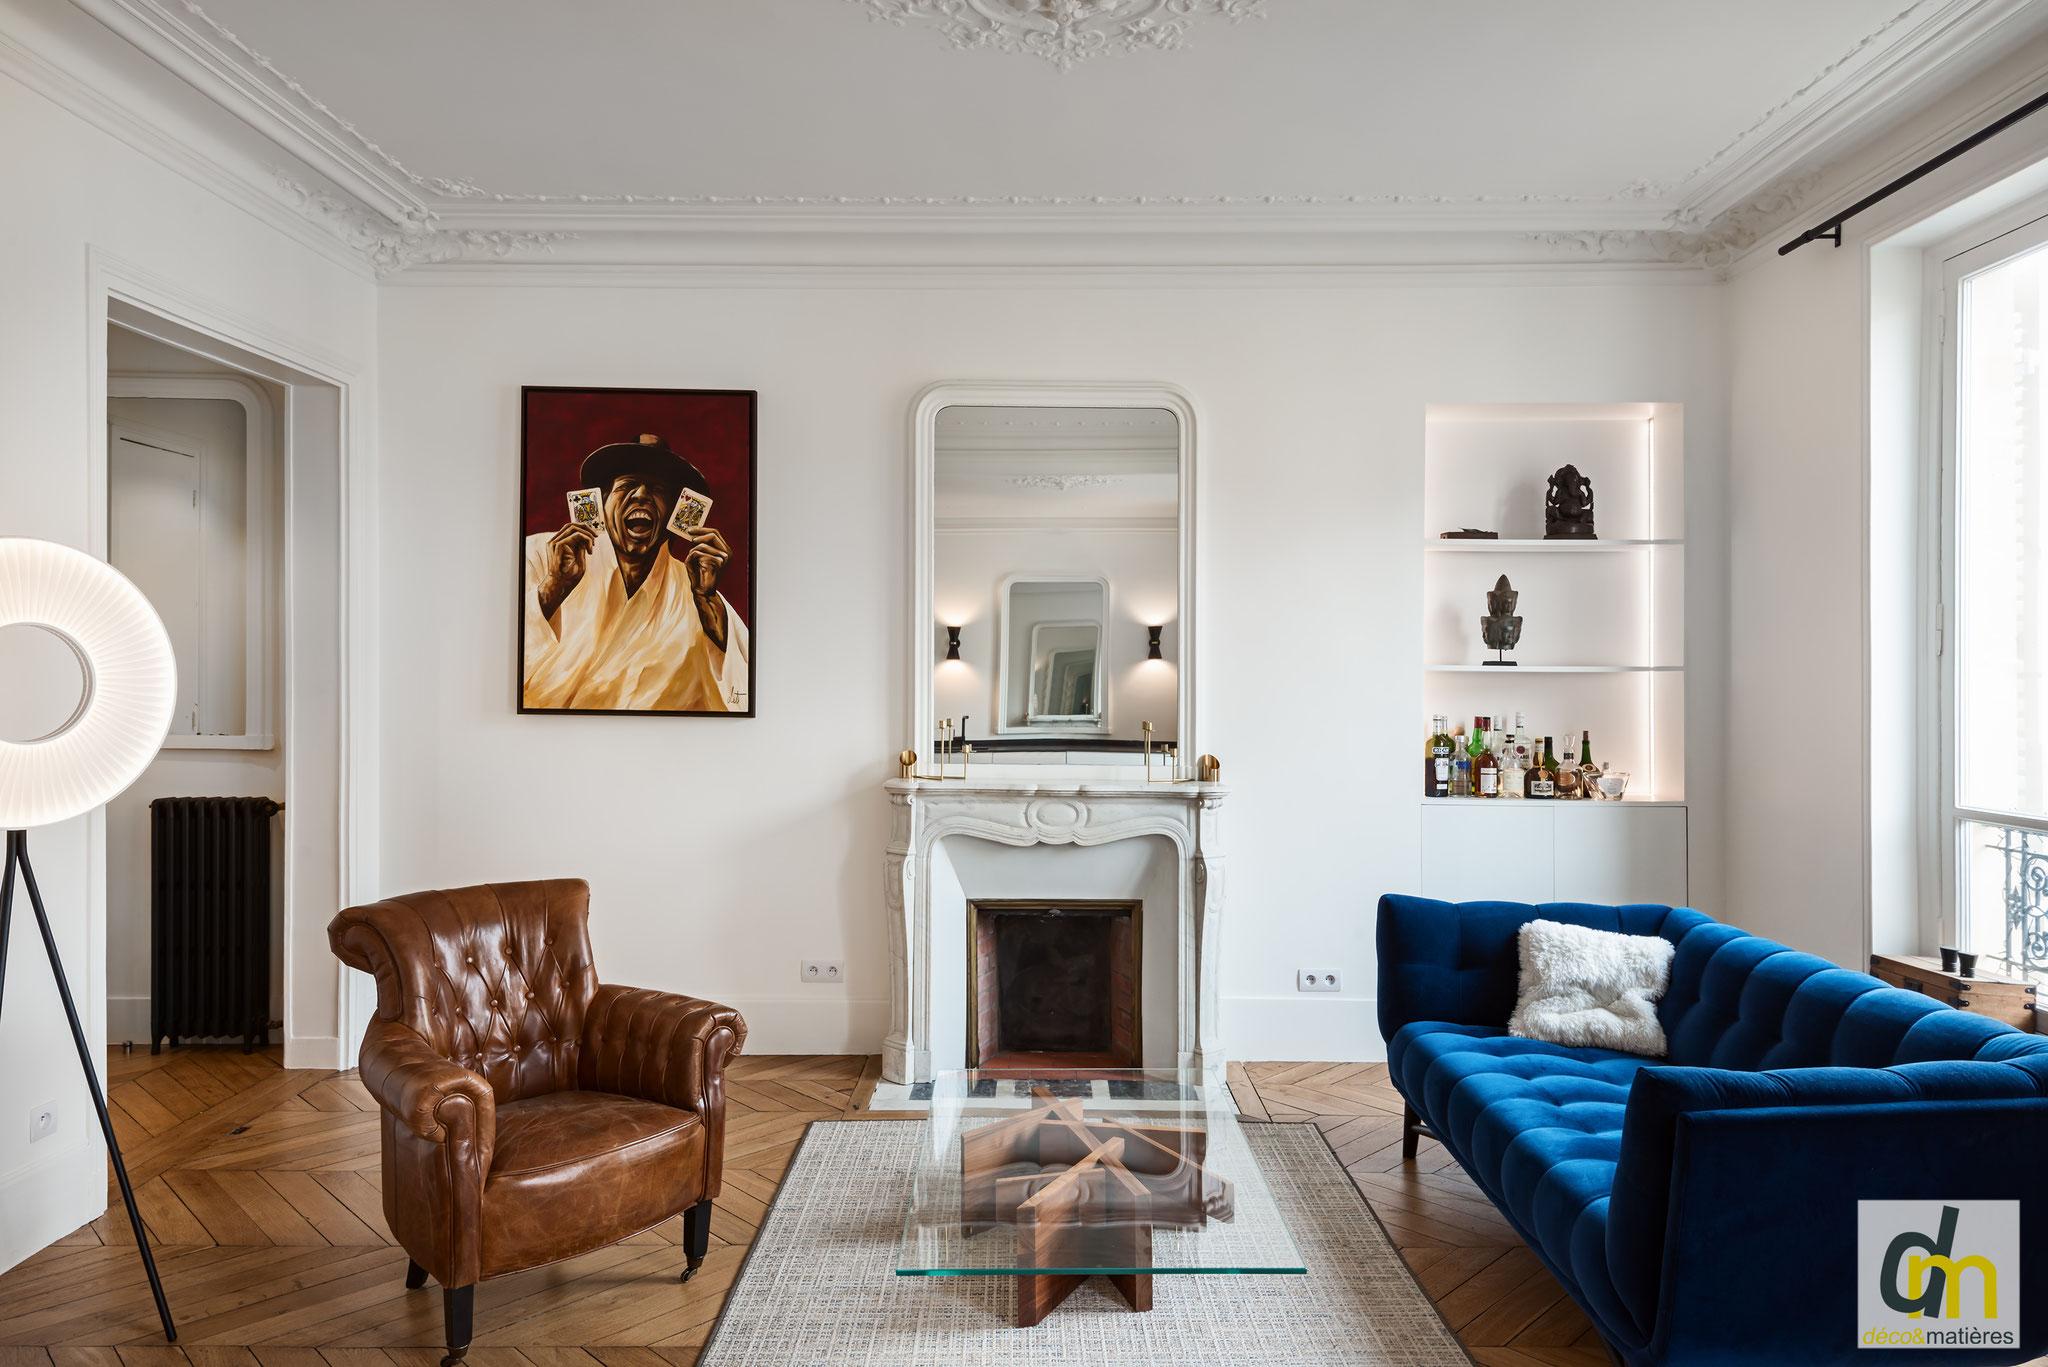 Un salon haussmanien, avec cheminée en marbre blanc, niche, et canapé RocheBobois